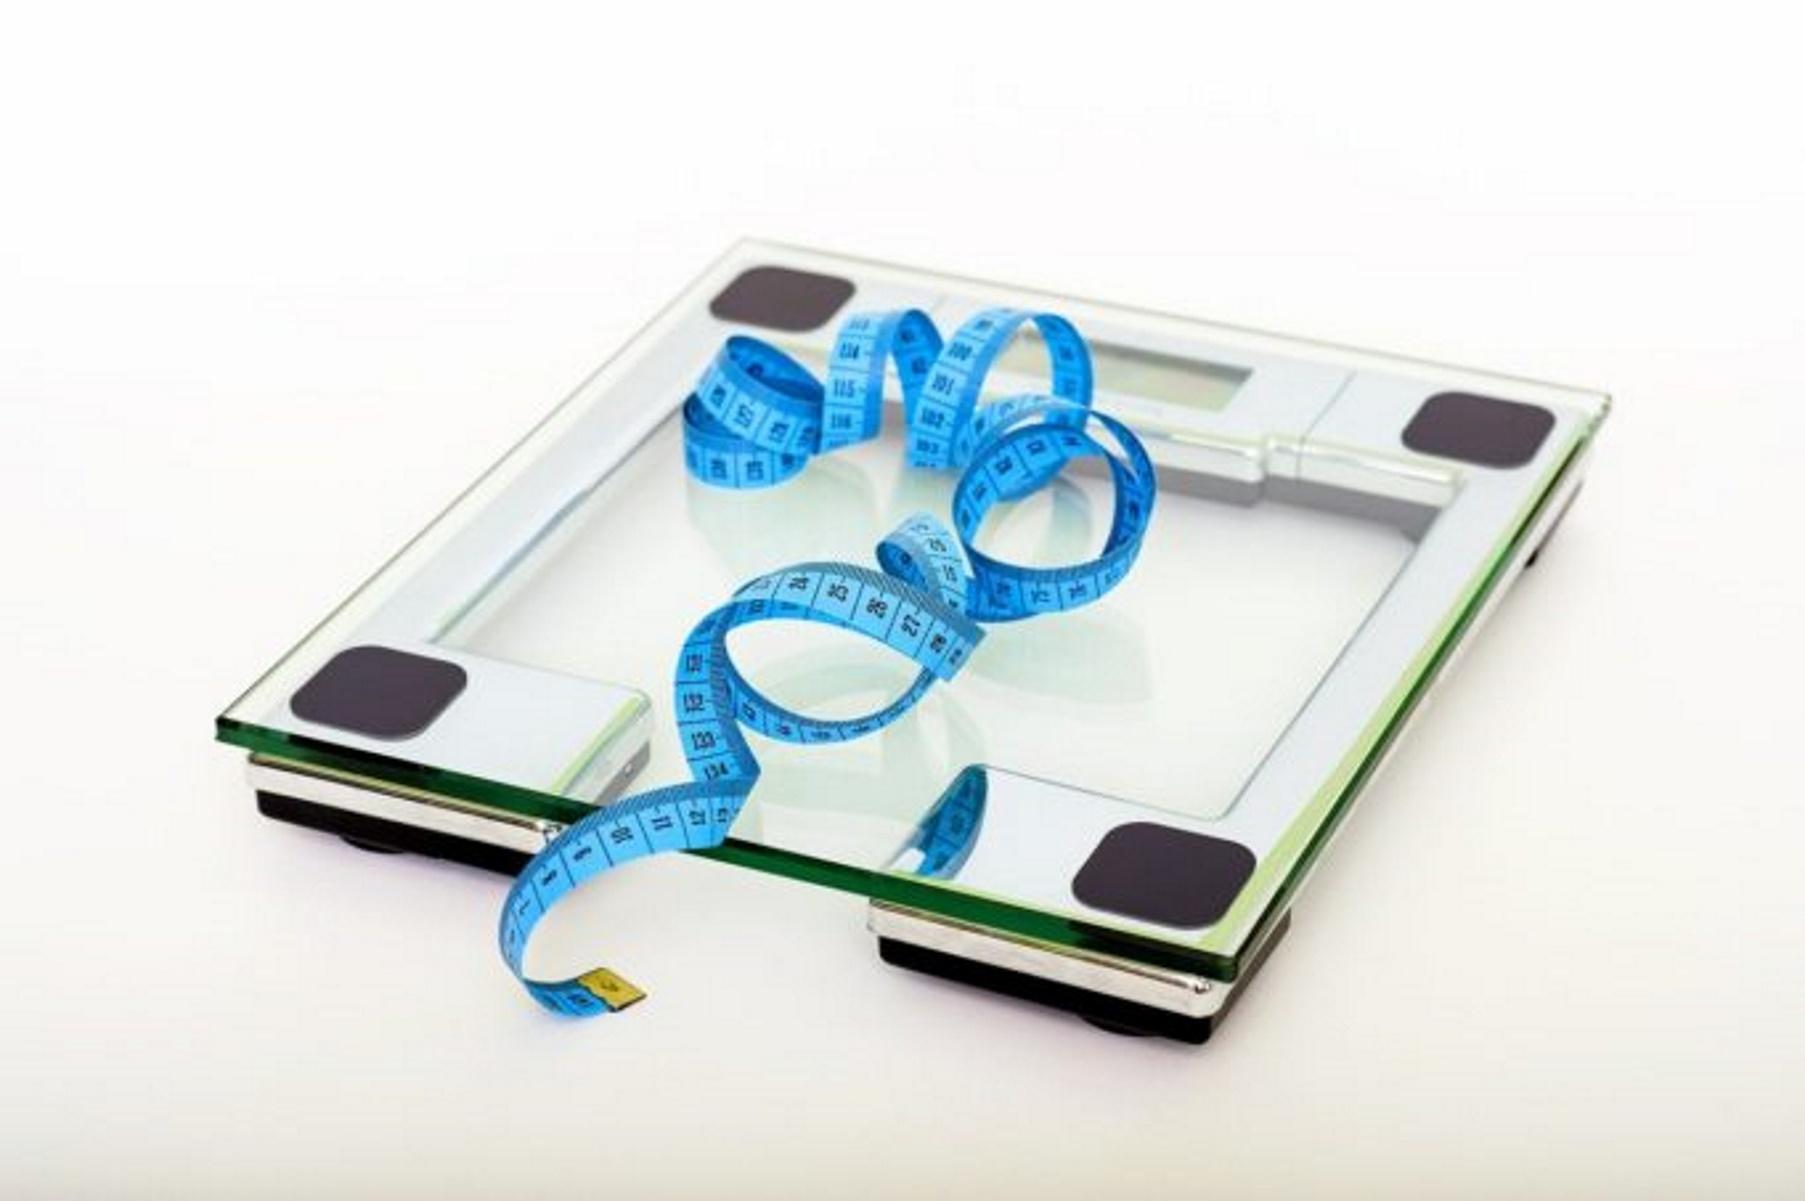 Σεμαγλουτίδη: To φάρμακο για τον διαβήτη που καταπολεμά αποτελεσματικά την παχυσαρκία